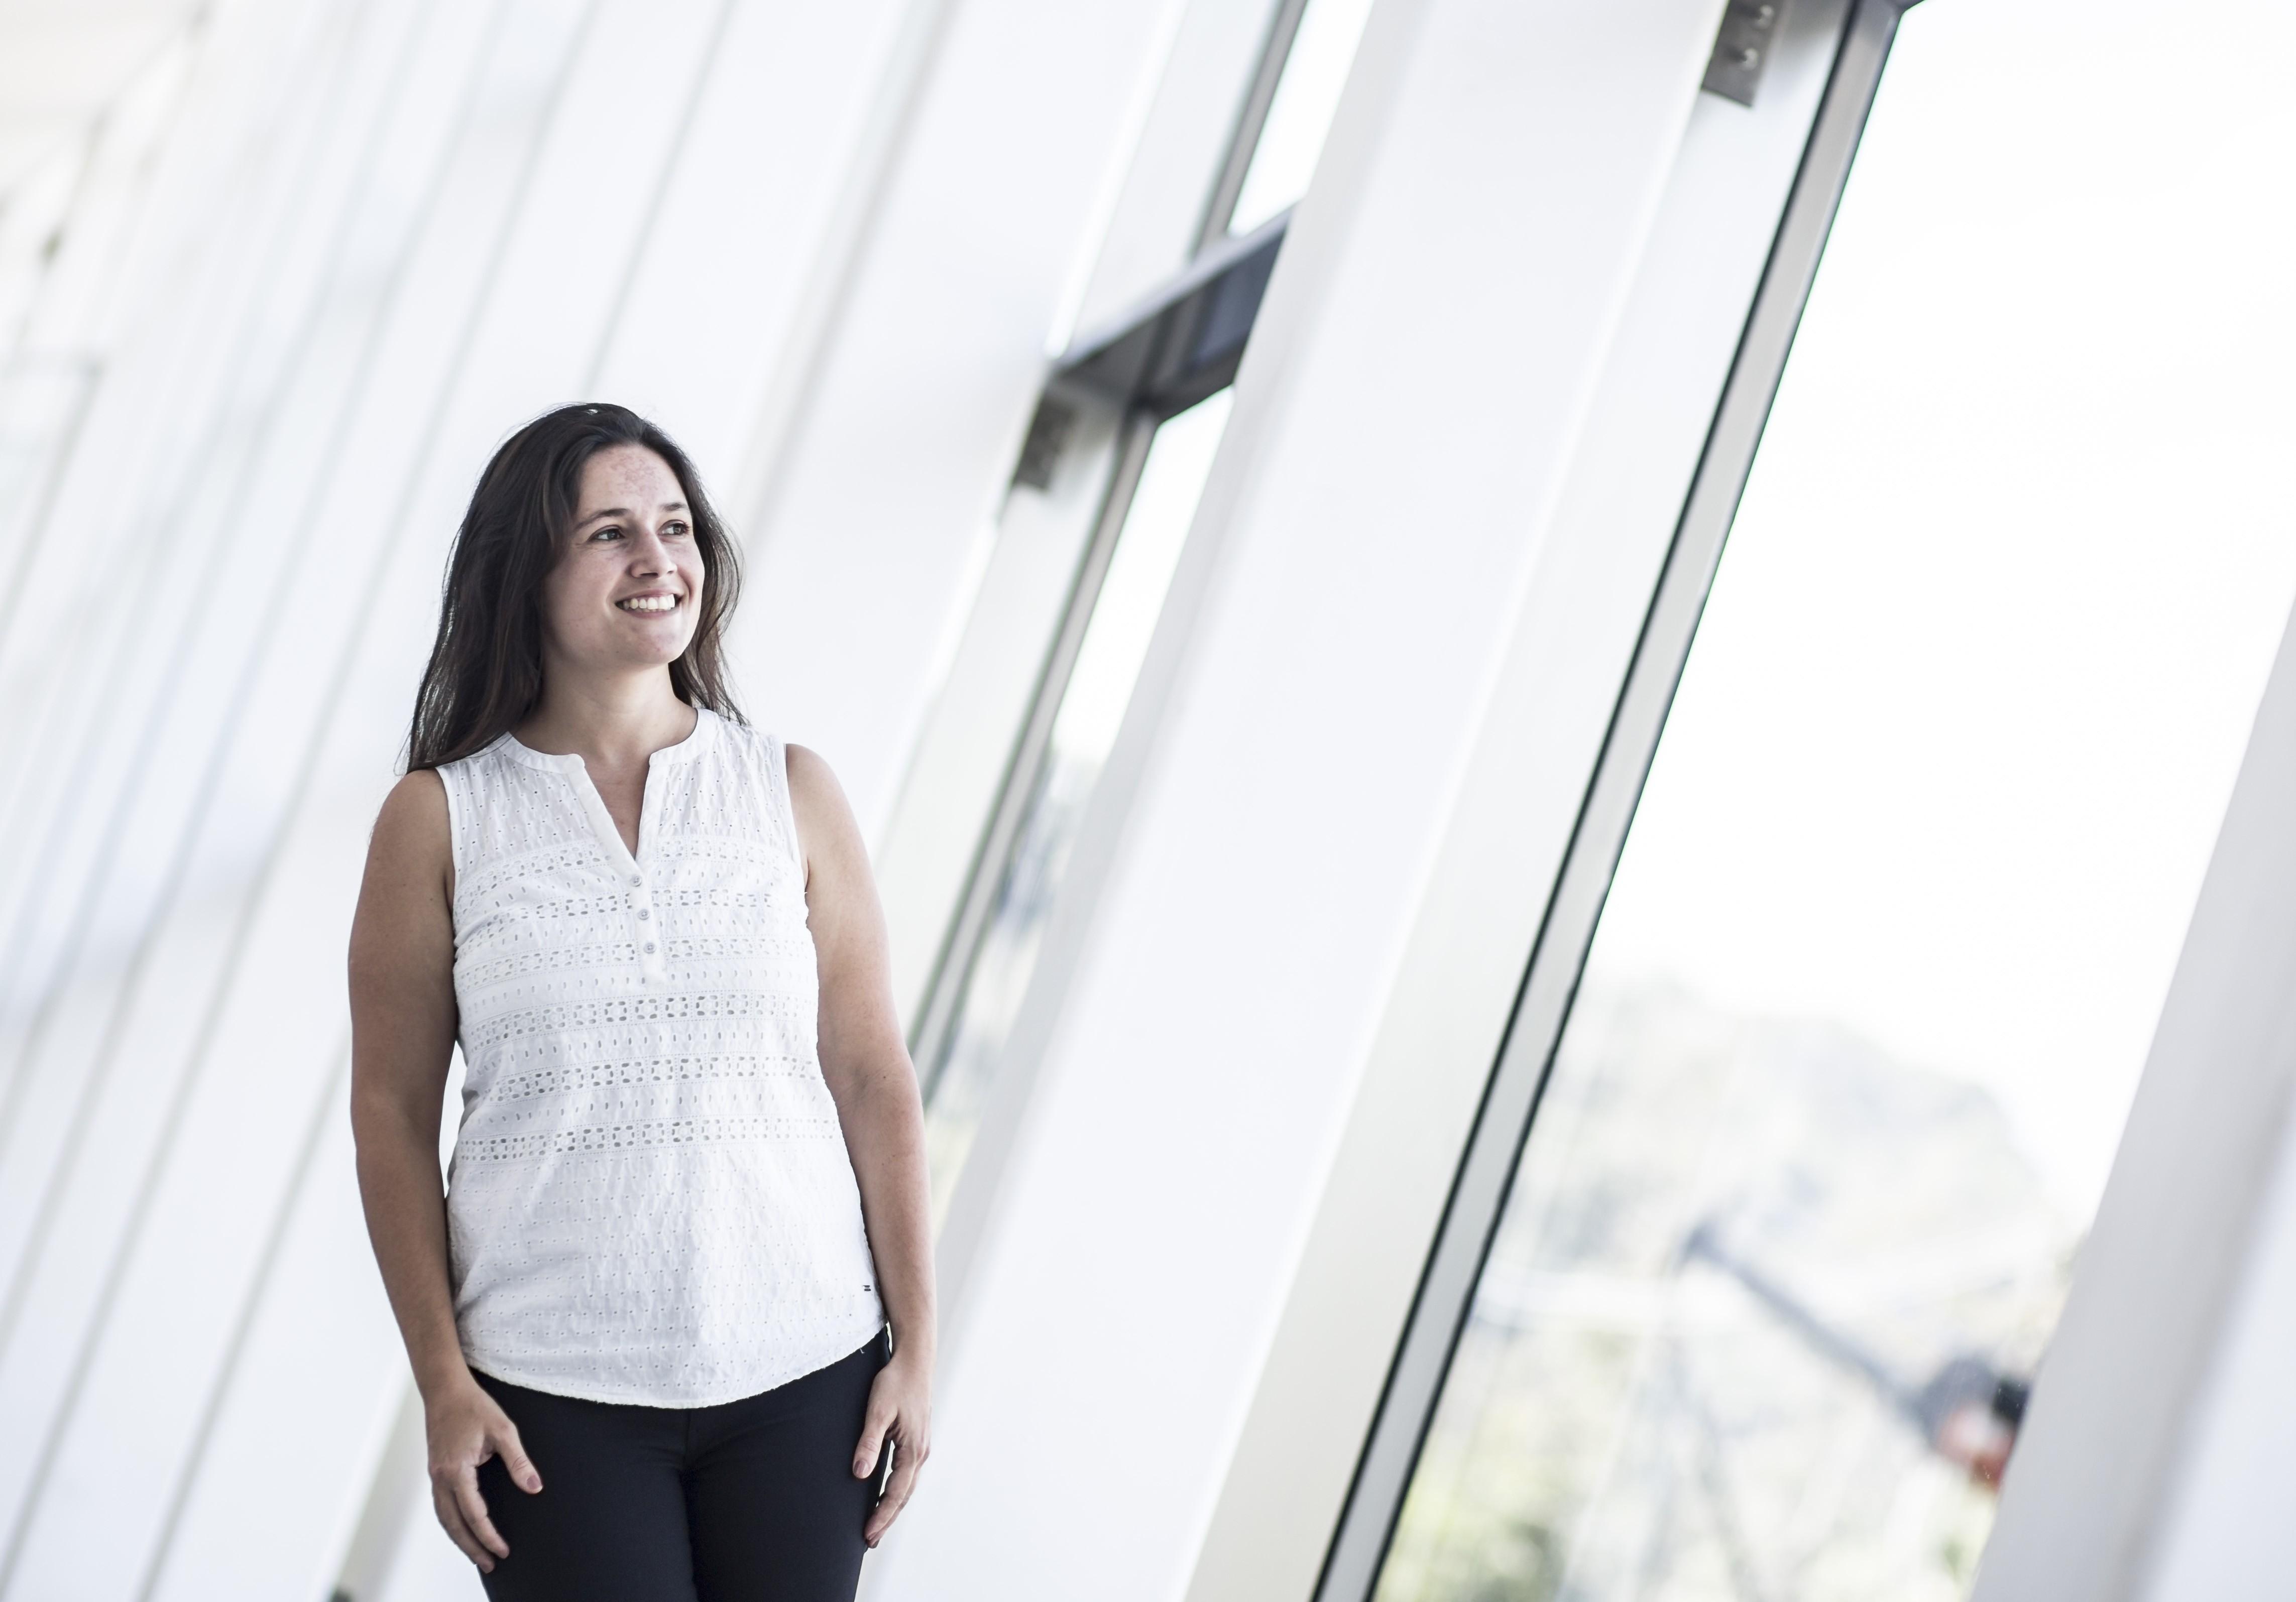 A pesquisadora Rafaela Ferreira foi contemplada por um prêmio nacional e outro internacional que incentiva mulheres na ciência. (Foto: Divulgação/L'Oréal)